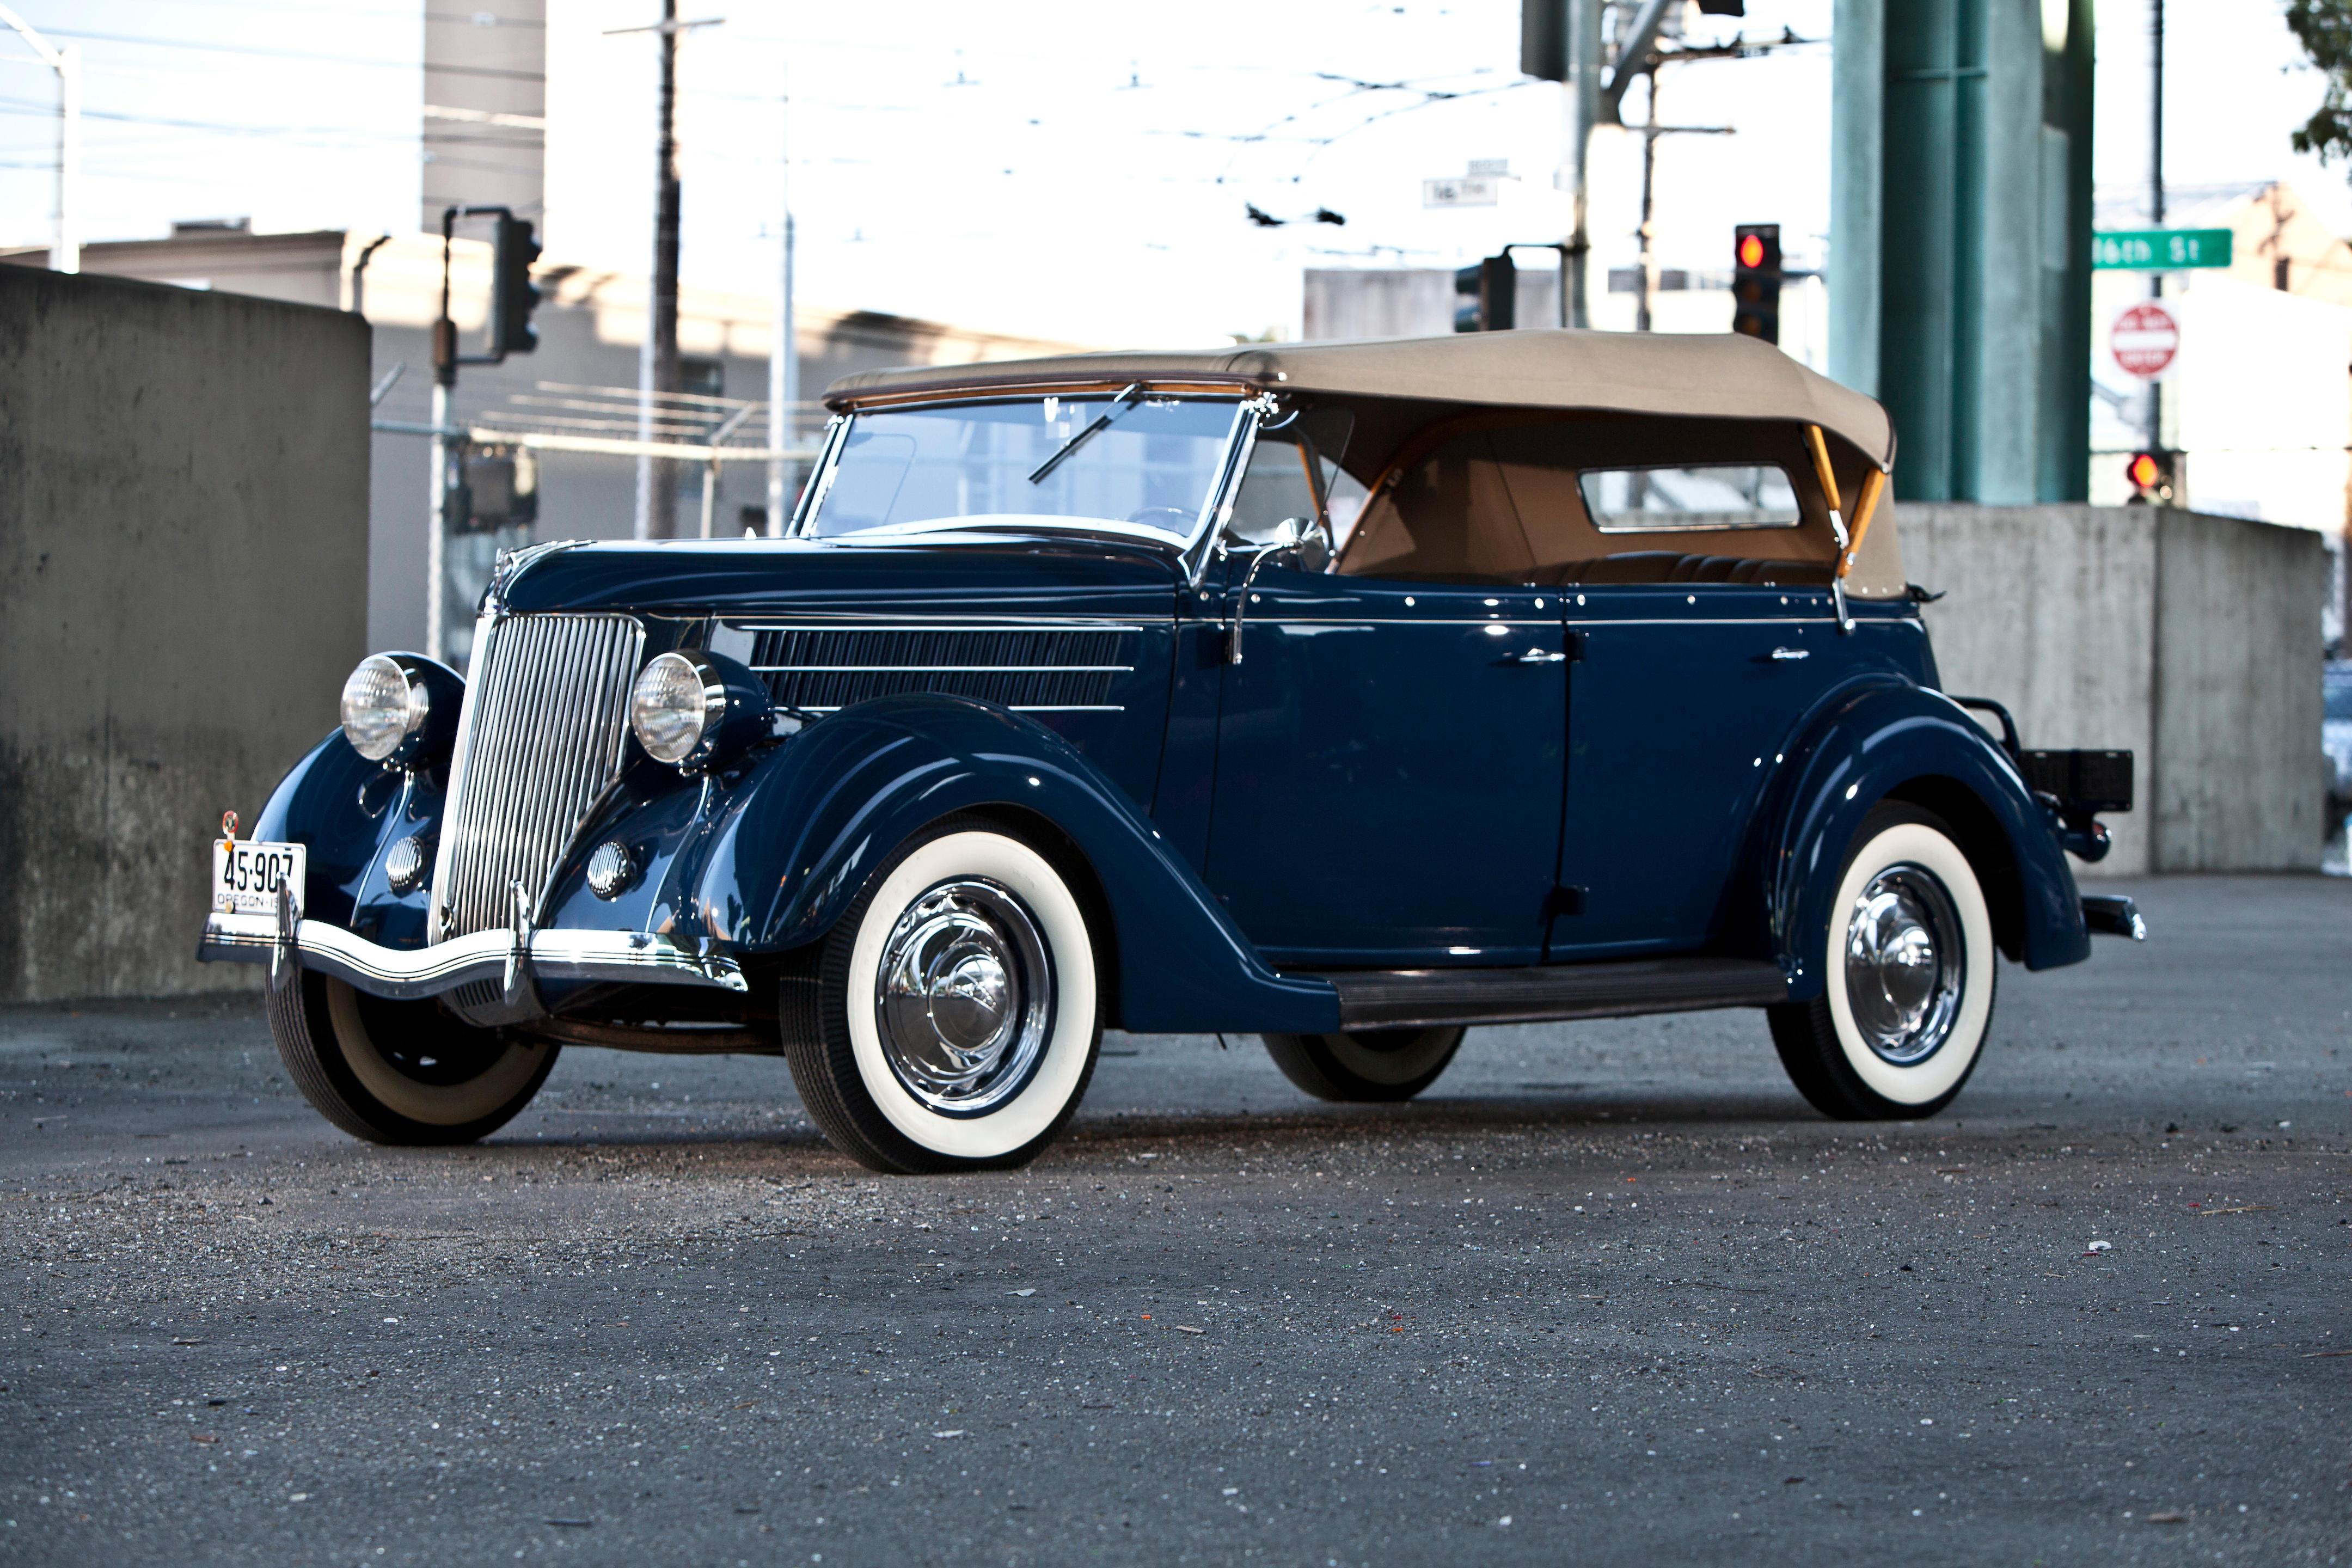 The ex-Jack Hogan, Dearborn Award-Winning 1936 Ford Model 68 Deluxe Phaeton...